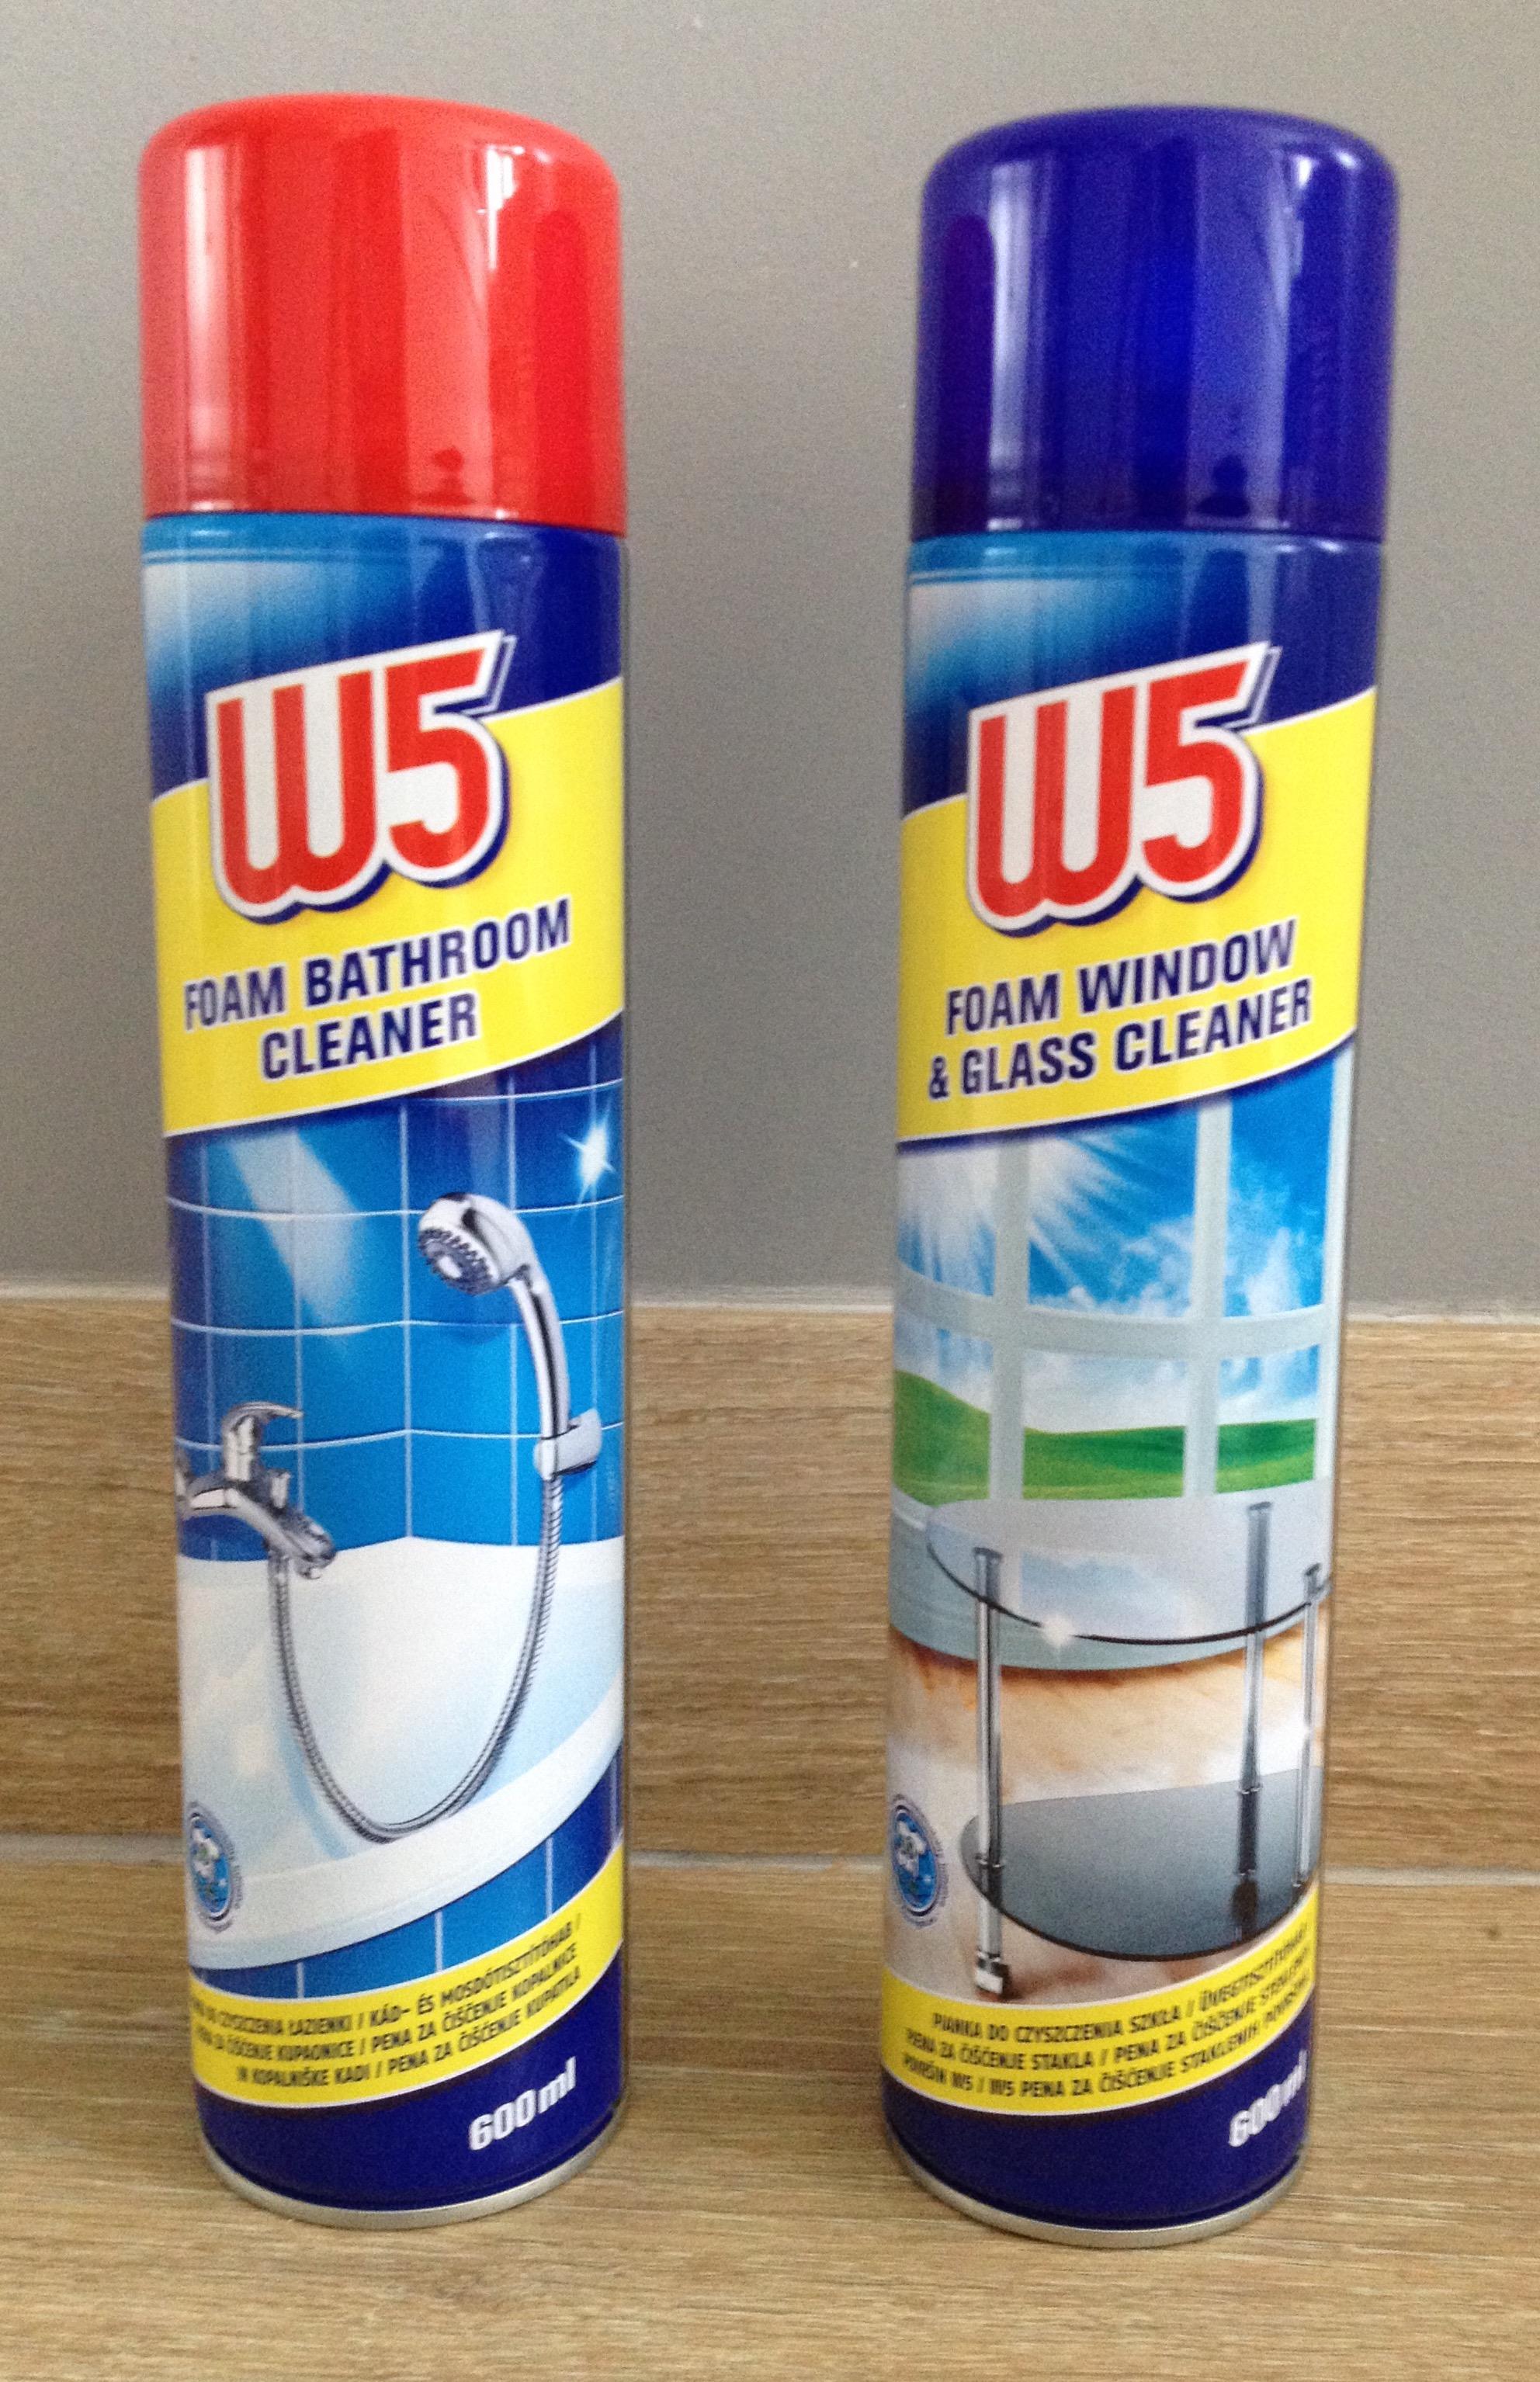 W5 pianka 600 ml do czyszczenia łazienki i szkła, Lidl